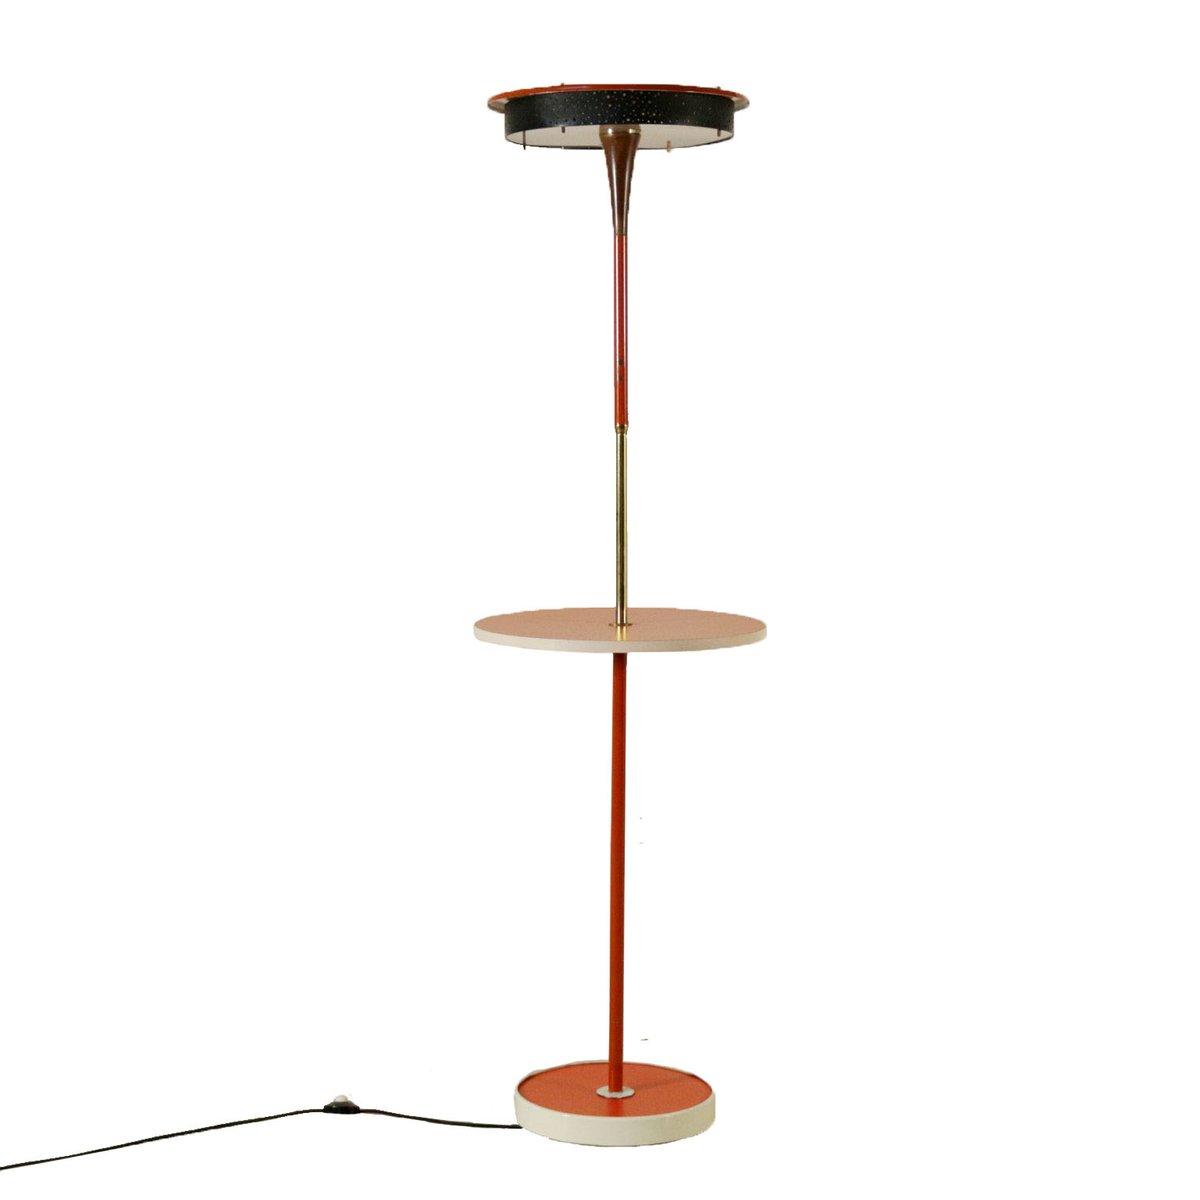 Italienische Metall, Messing & Plexiglas Tischlampe, 1960er